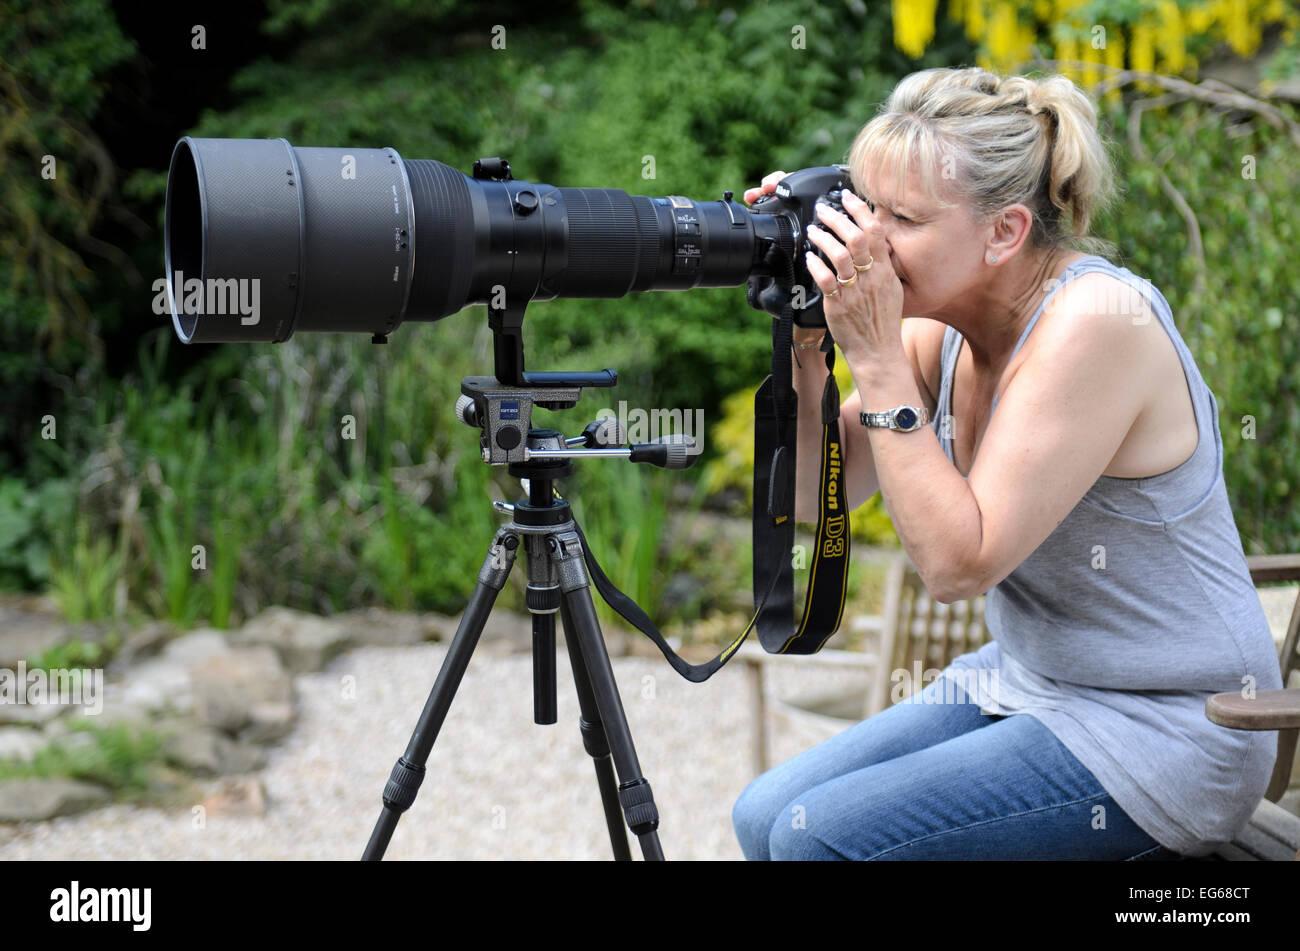 Donna che utilizza un 600 mm teleobiettivo su una Nikon D3 release disponibile Immagini Stock